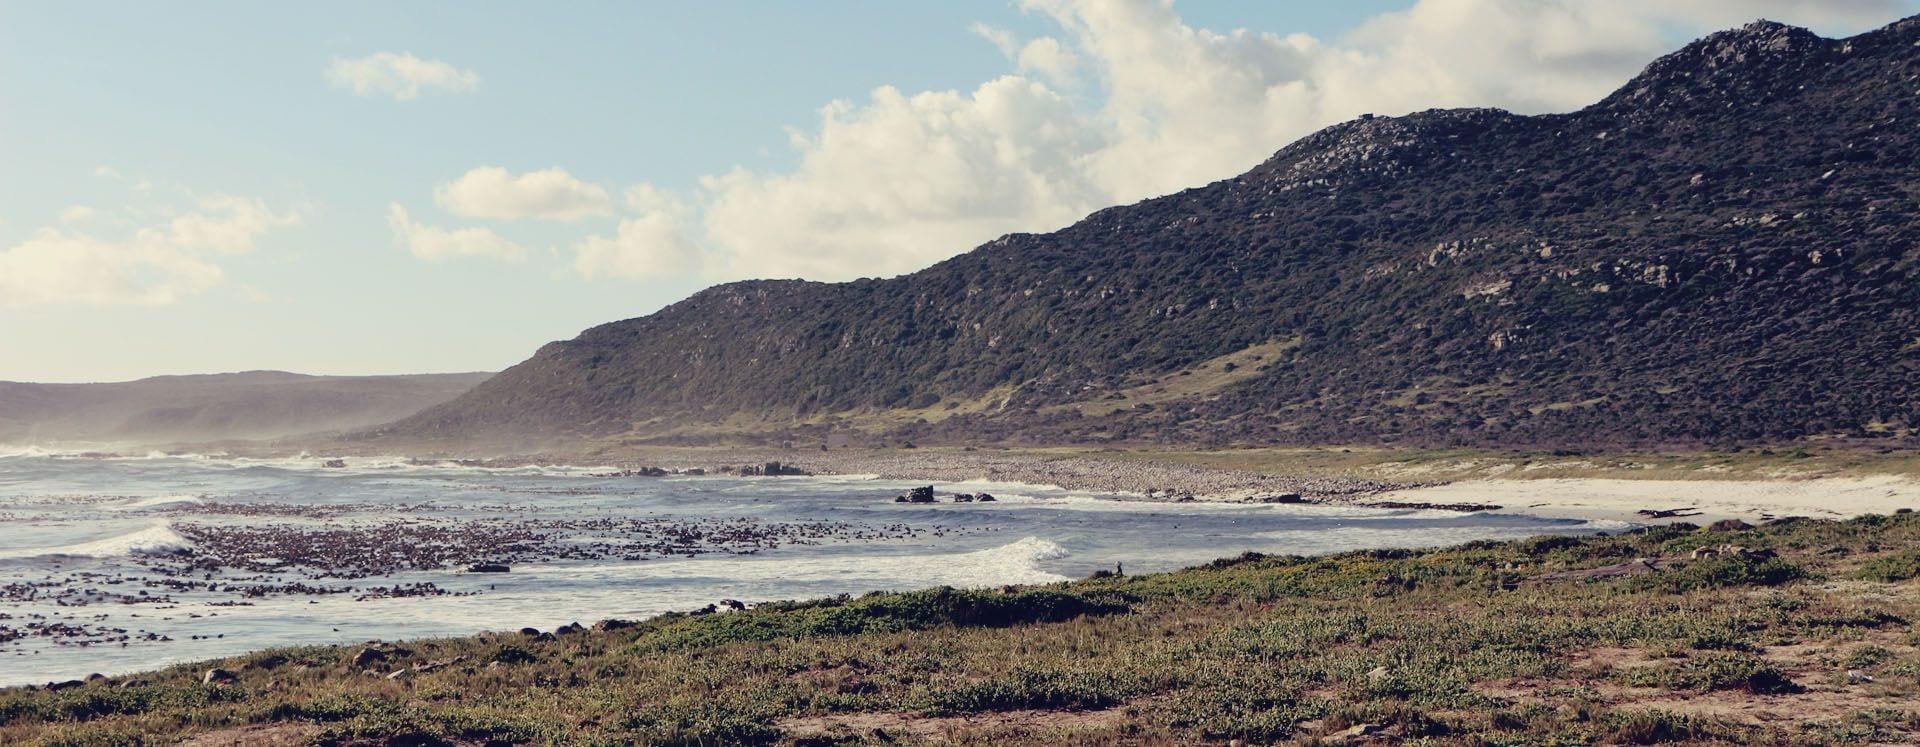 Cidade do Cabo - passeio pelo Cabo da Boa Esperança - 07